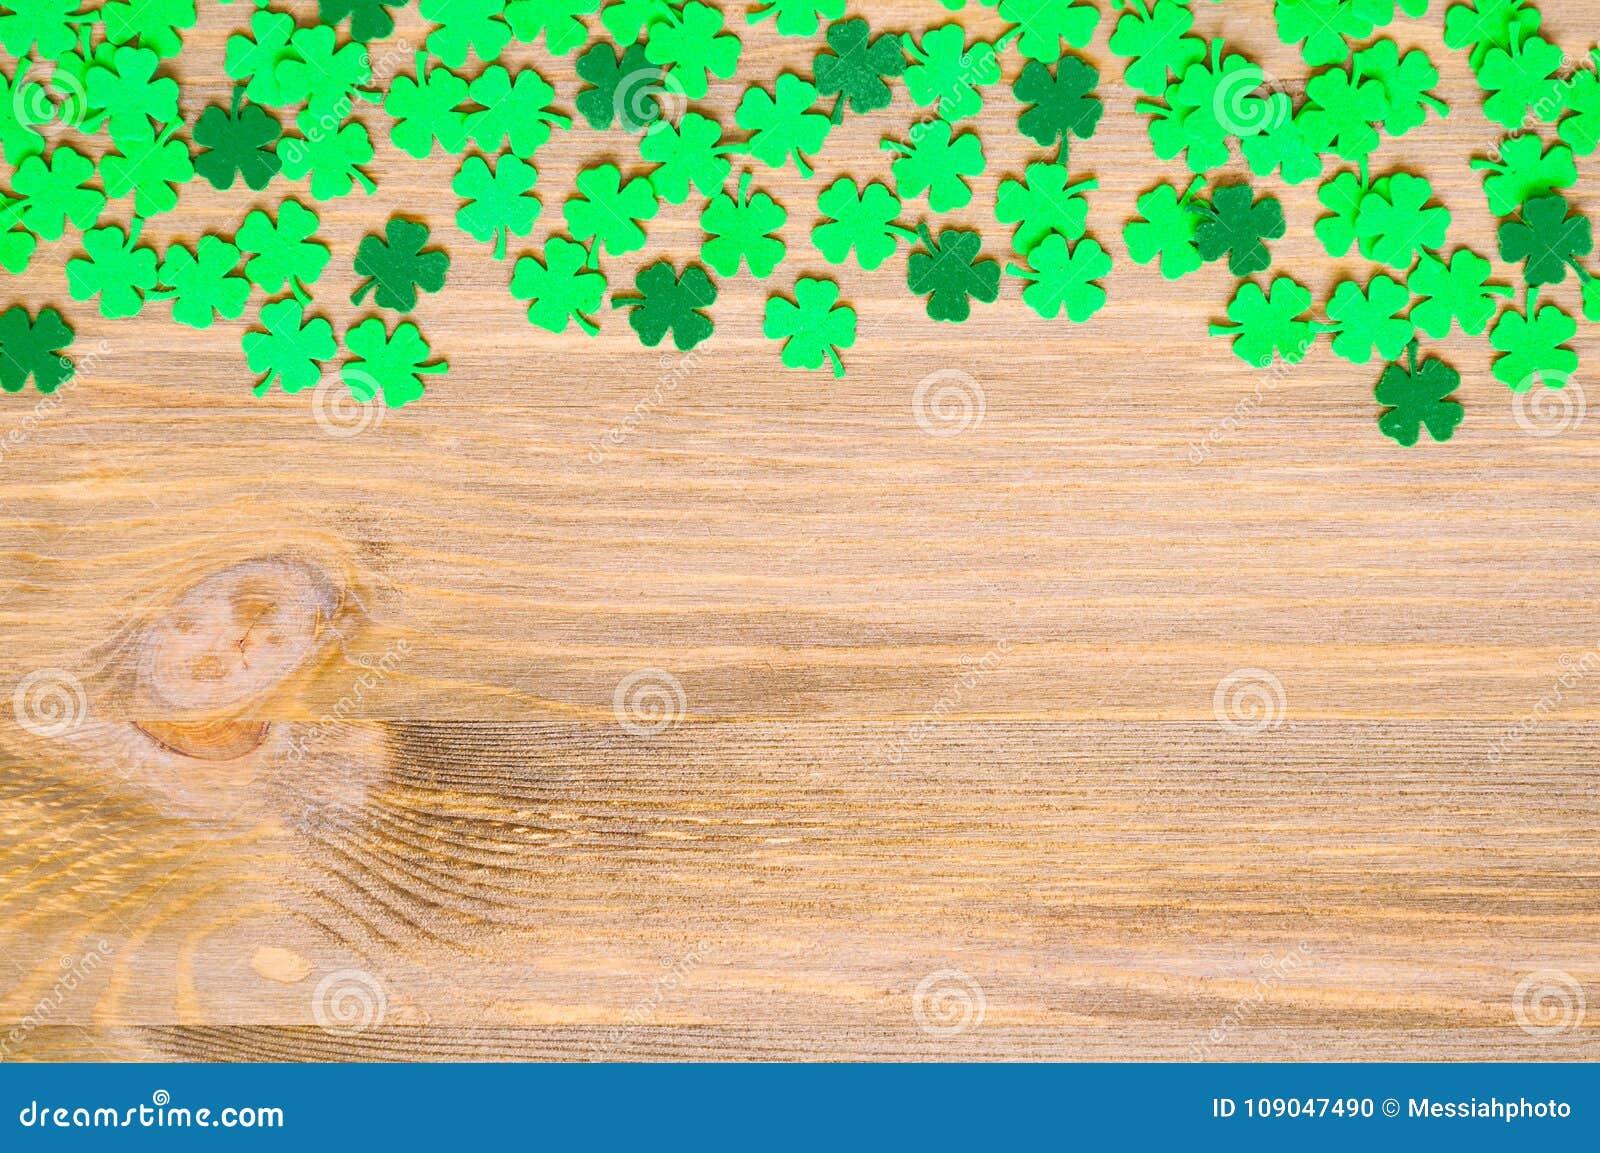 Fondo del día del ` s de St Patrick, una frontera lateral con los quatrefoils verdes y espacio para el texto